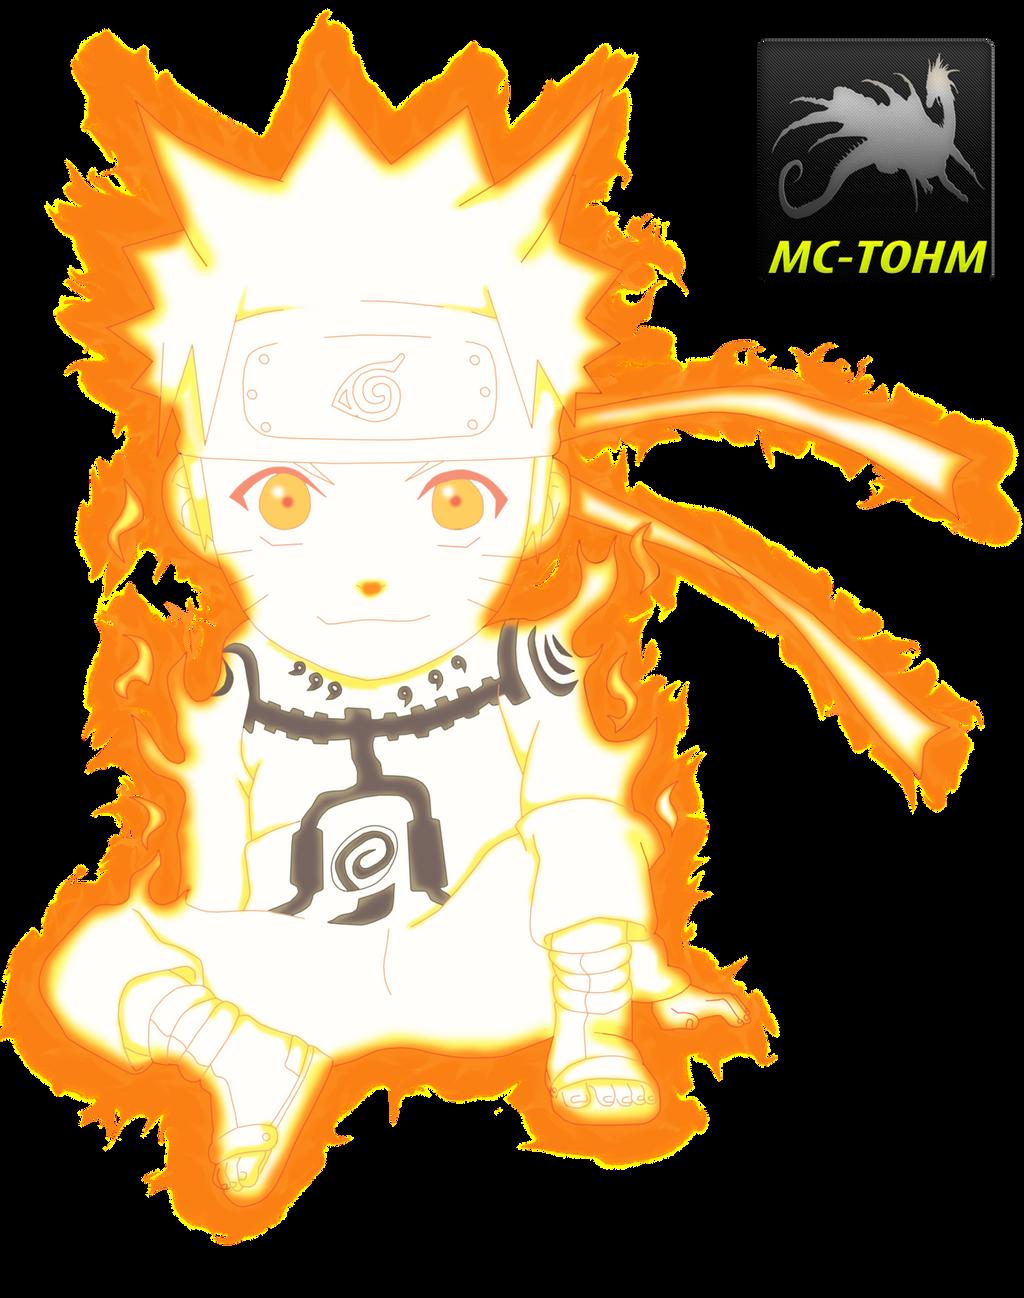 Naruto Chibi Bijuu Mode By MC-TOHM by MC-TOHM on DeviantArt